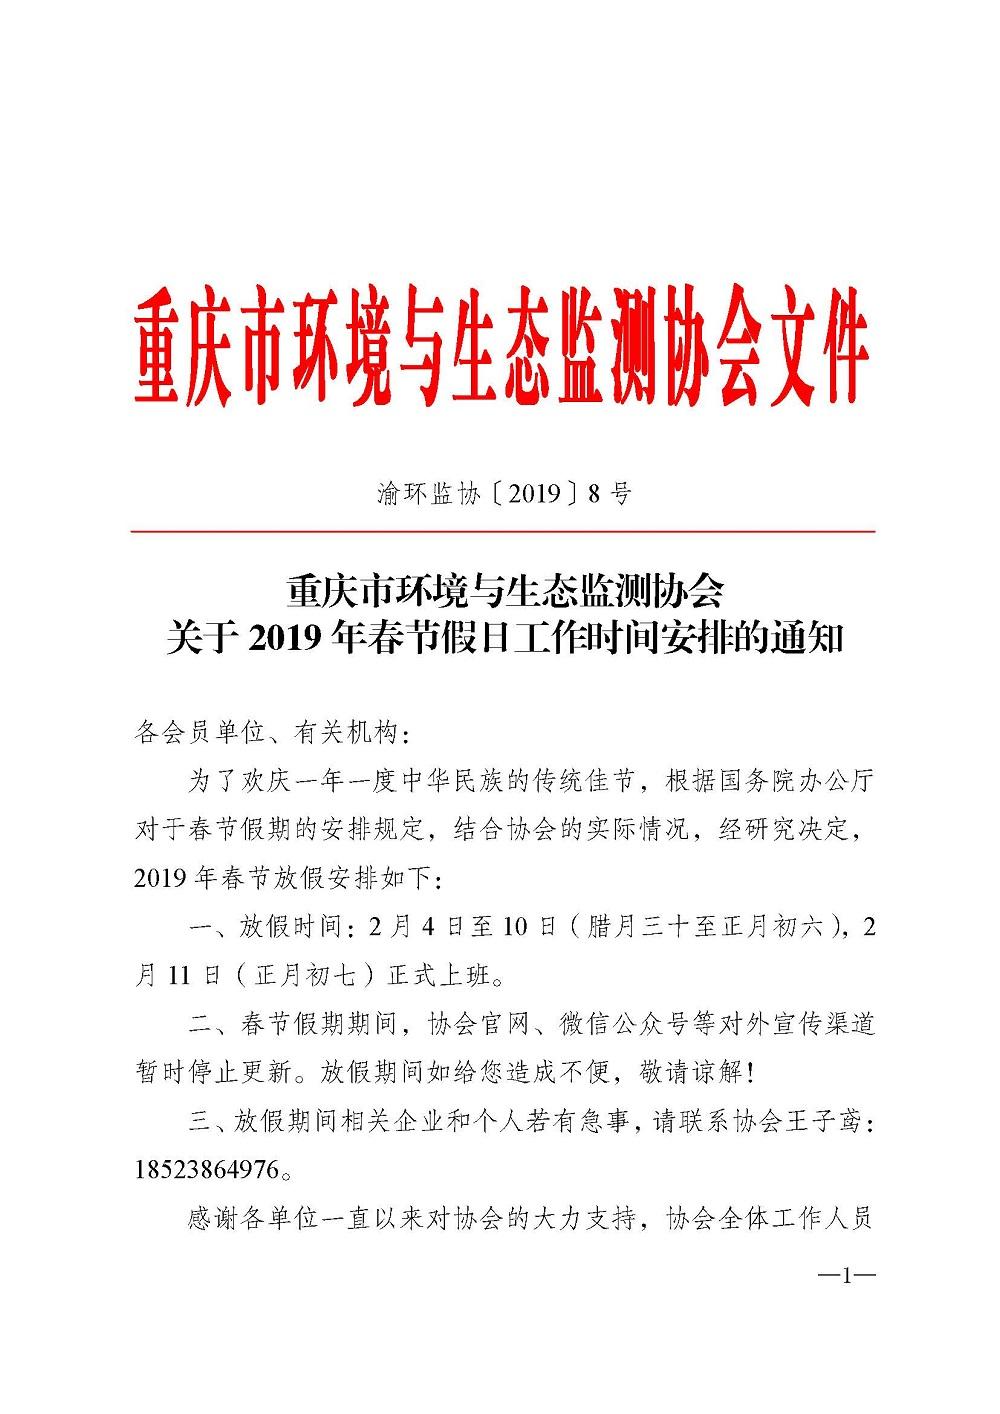 渝环监协〔2019〕8号:关于2019年春节假日工作时间安排的通知知_页面_1.jpg